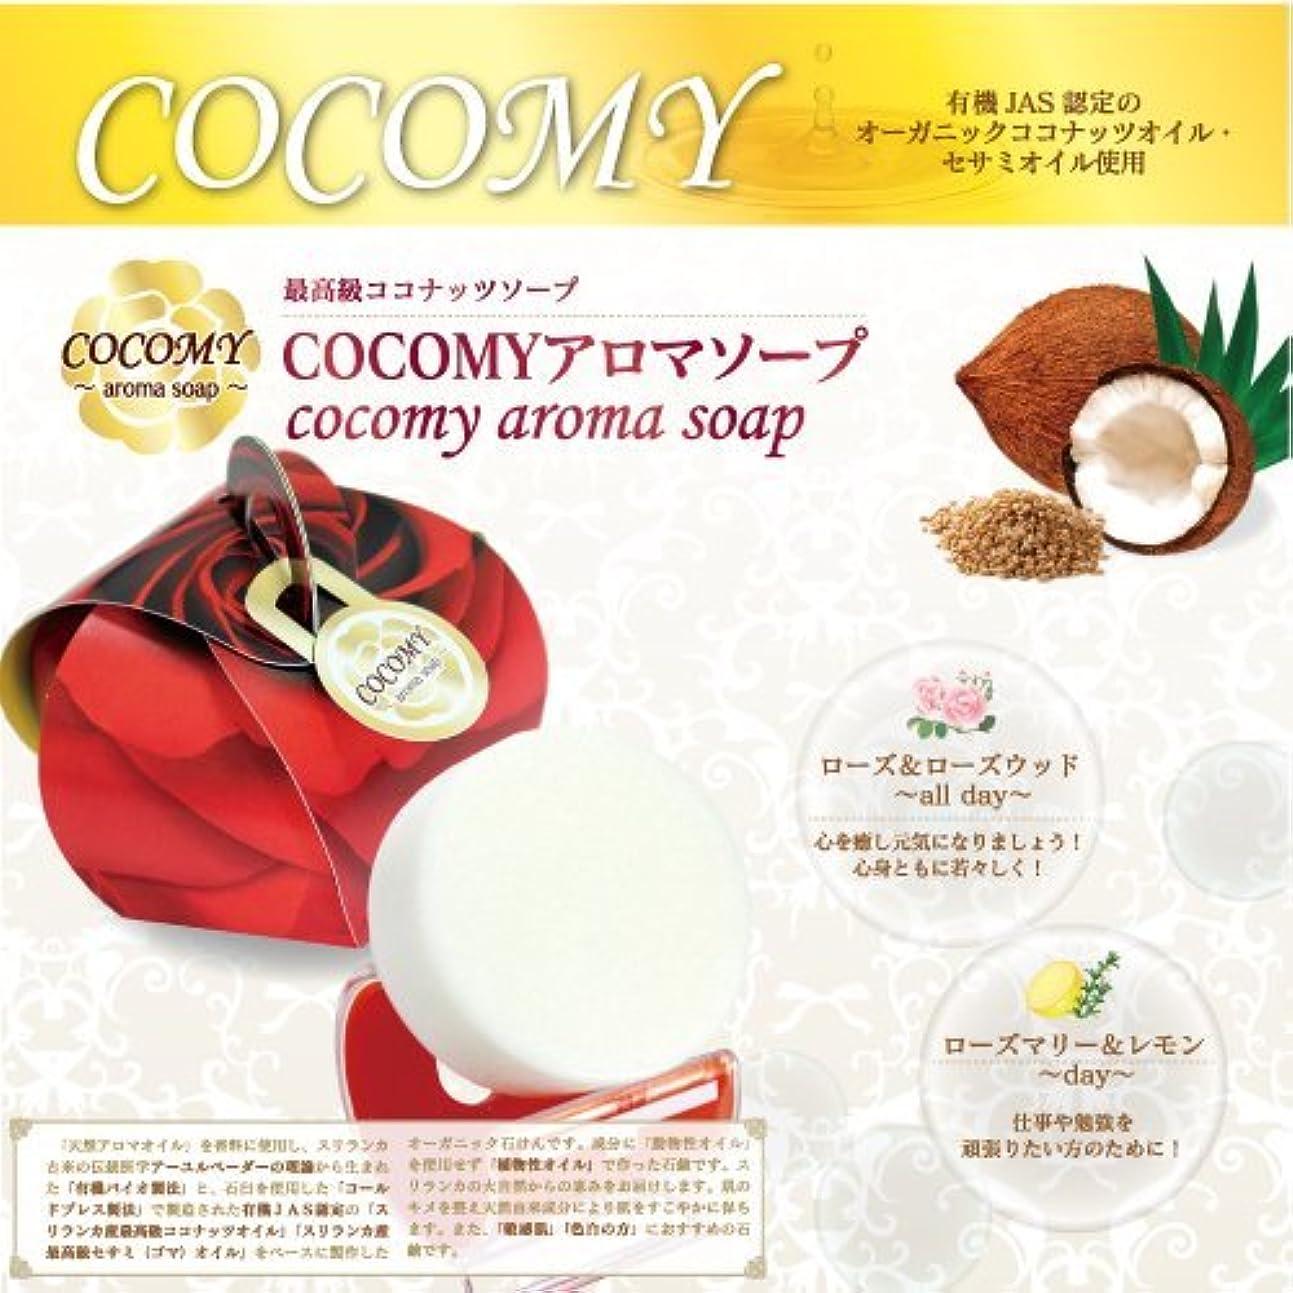 COCOMY aromaソープ 4個セット (ローズマリー&レモン)(ローズ&ローズウッド) 40g×各2